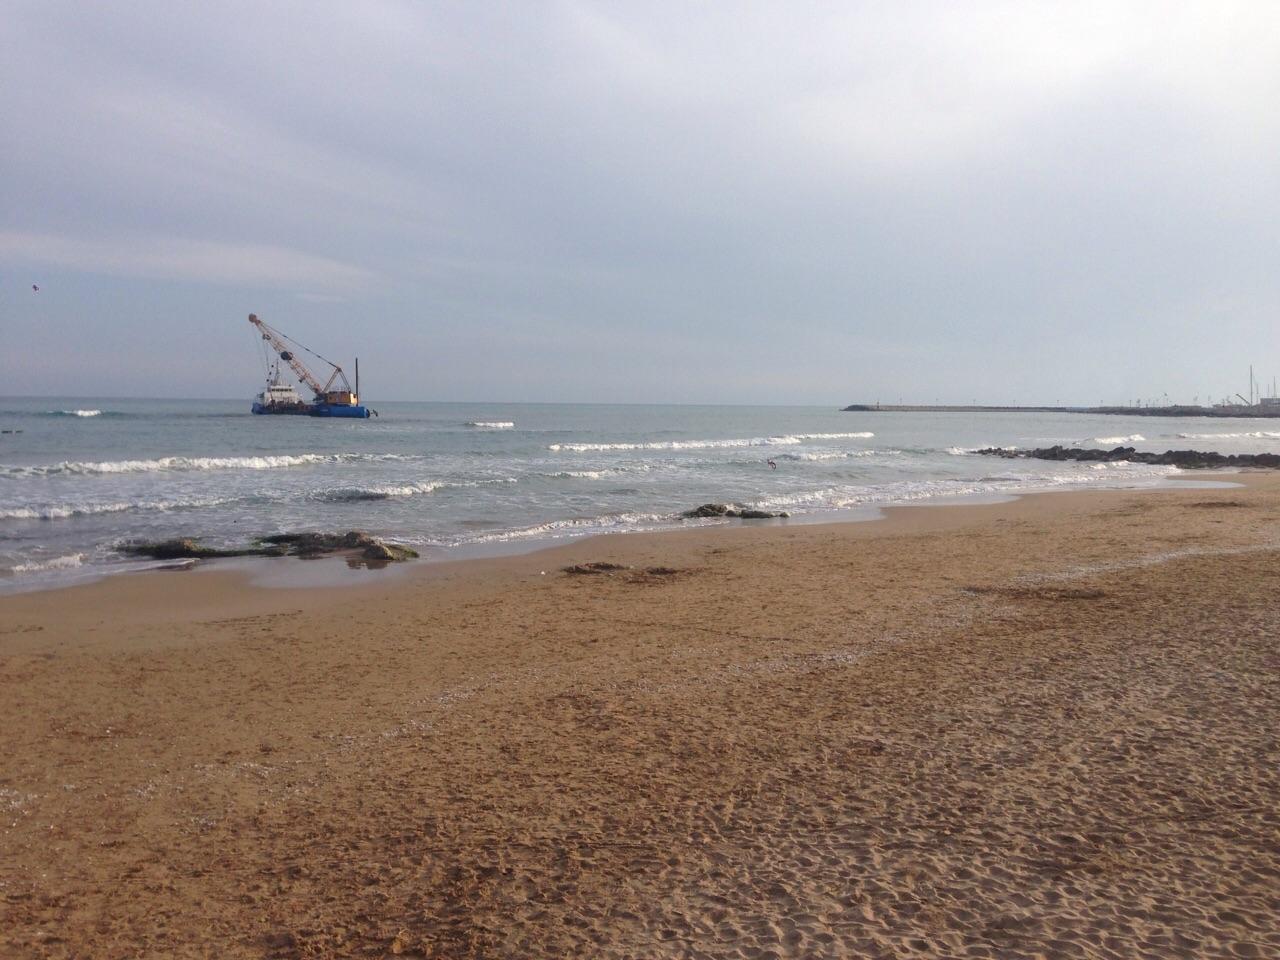 https://www.ragusanews.com//immagini_articoli/30-04-2015/1430426881-1-marina-di-ragusa-o-mare-nero-mare-nero-mare-ne.jpg